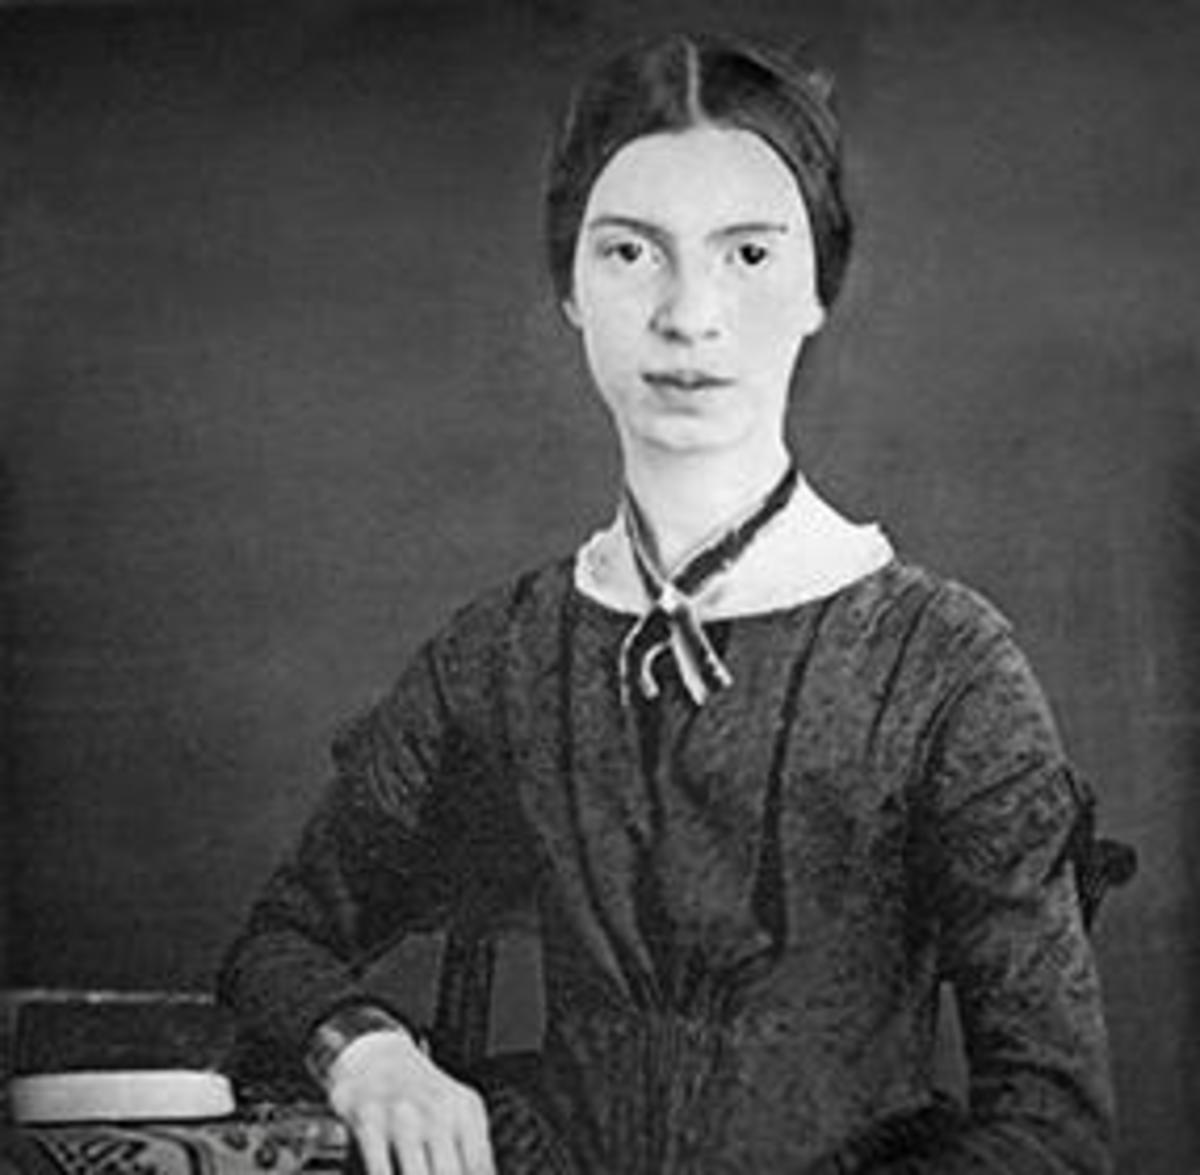 Analysis of Emily Dickinson's